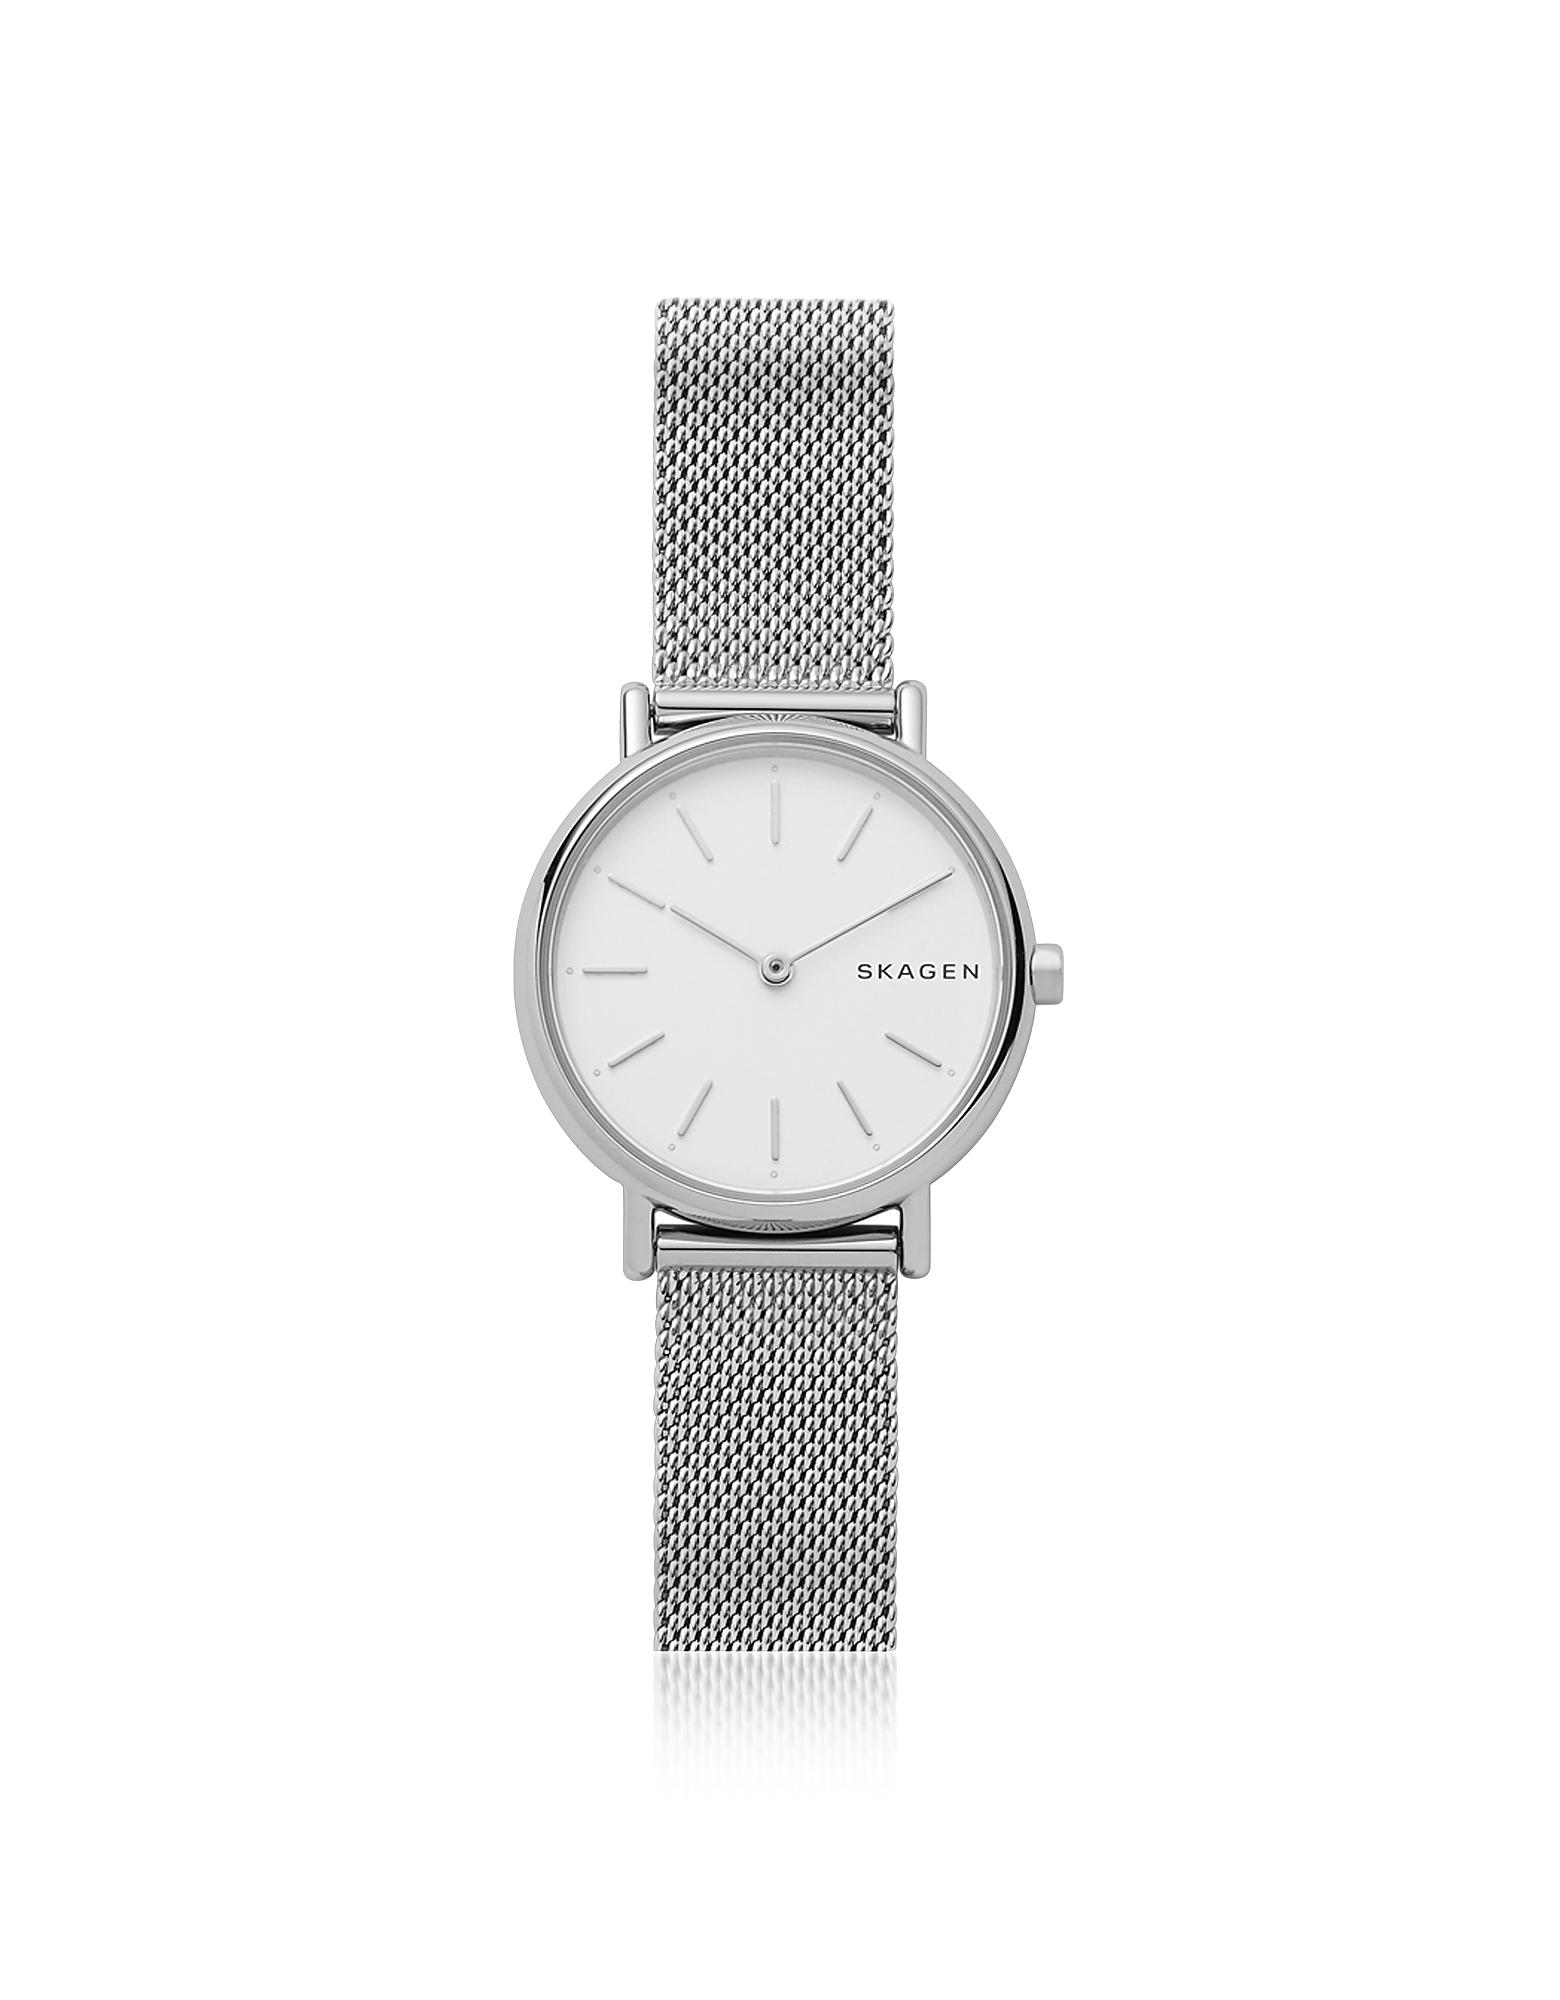 Skagen Designer Women's Watches, Signatur Slim Silver-Tone Steel-Mesh Women's Watch